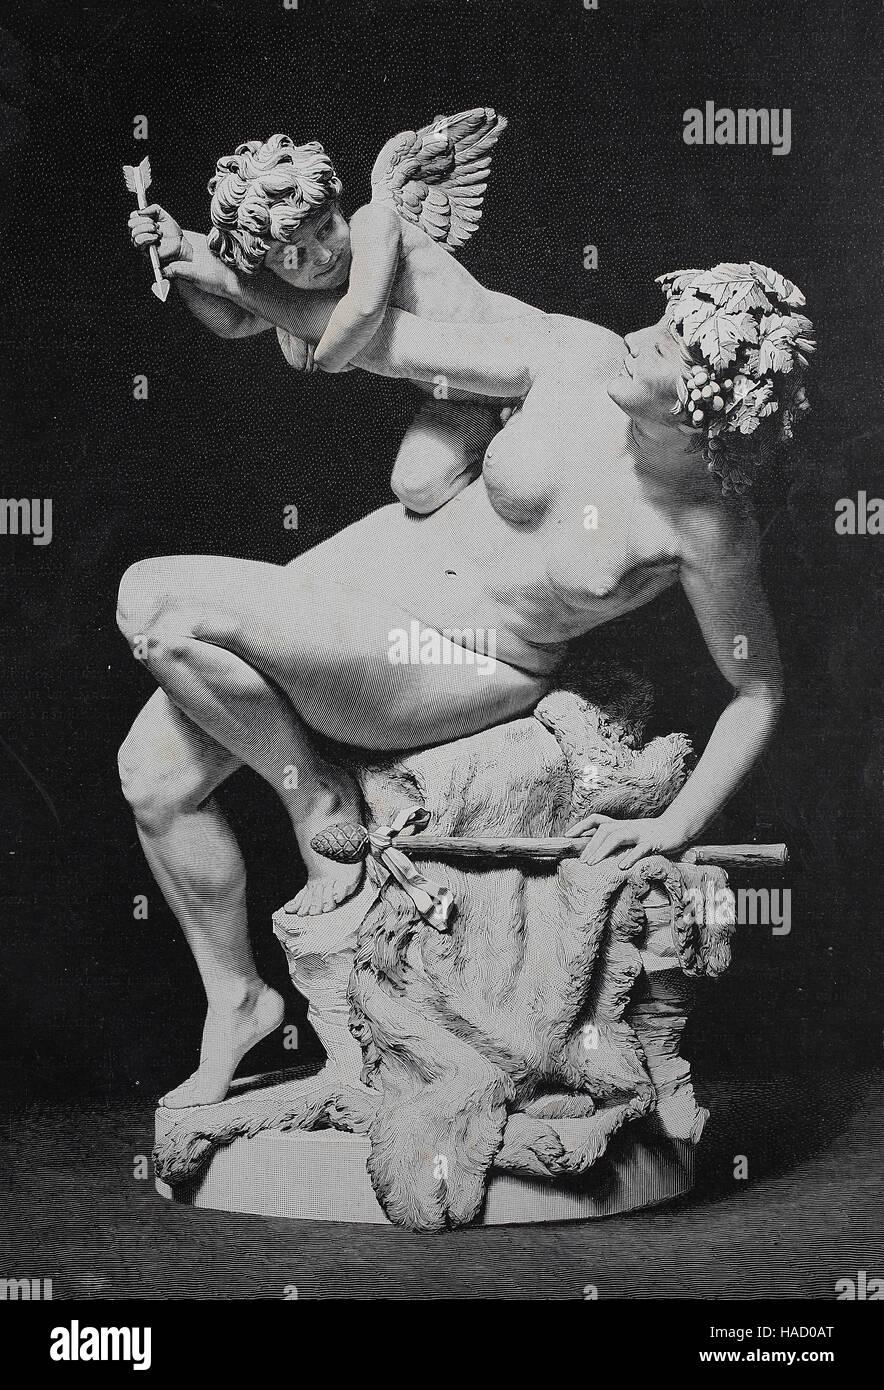 Amor et Bacchantin, la mythologie grecque, illustration publié en 1880 Photo Stock